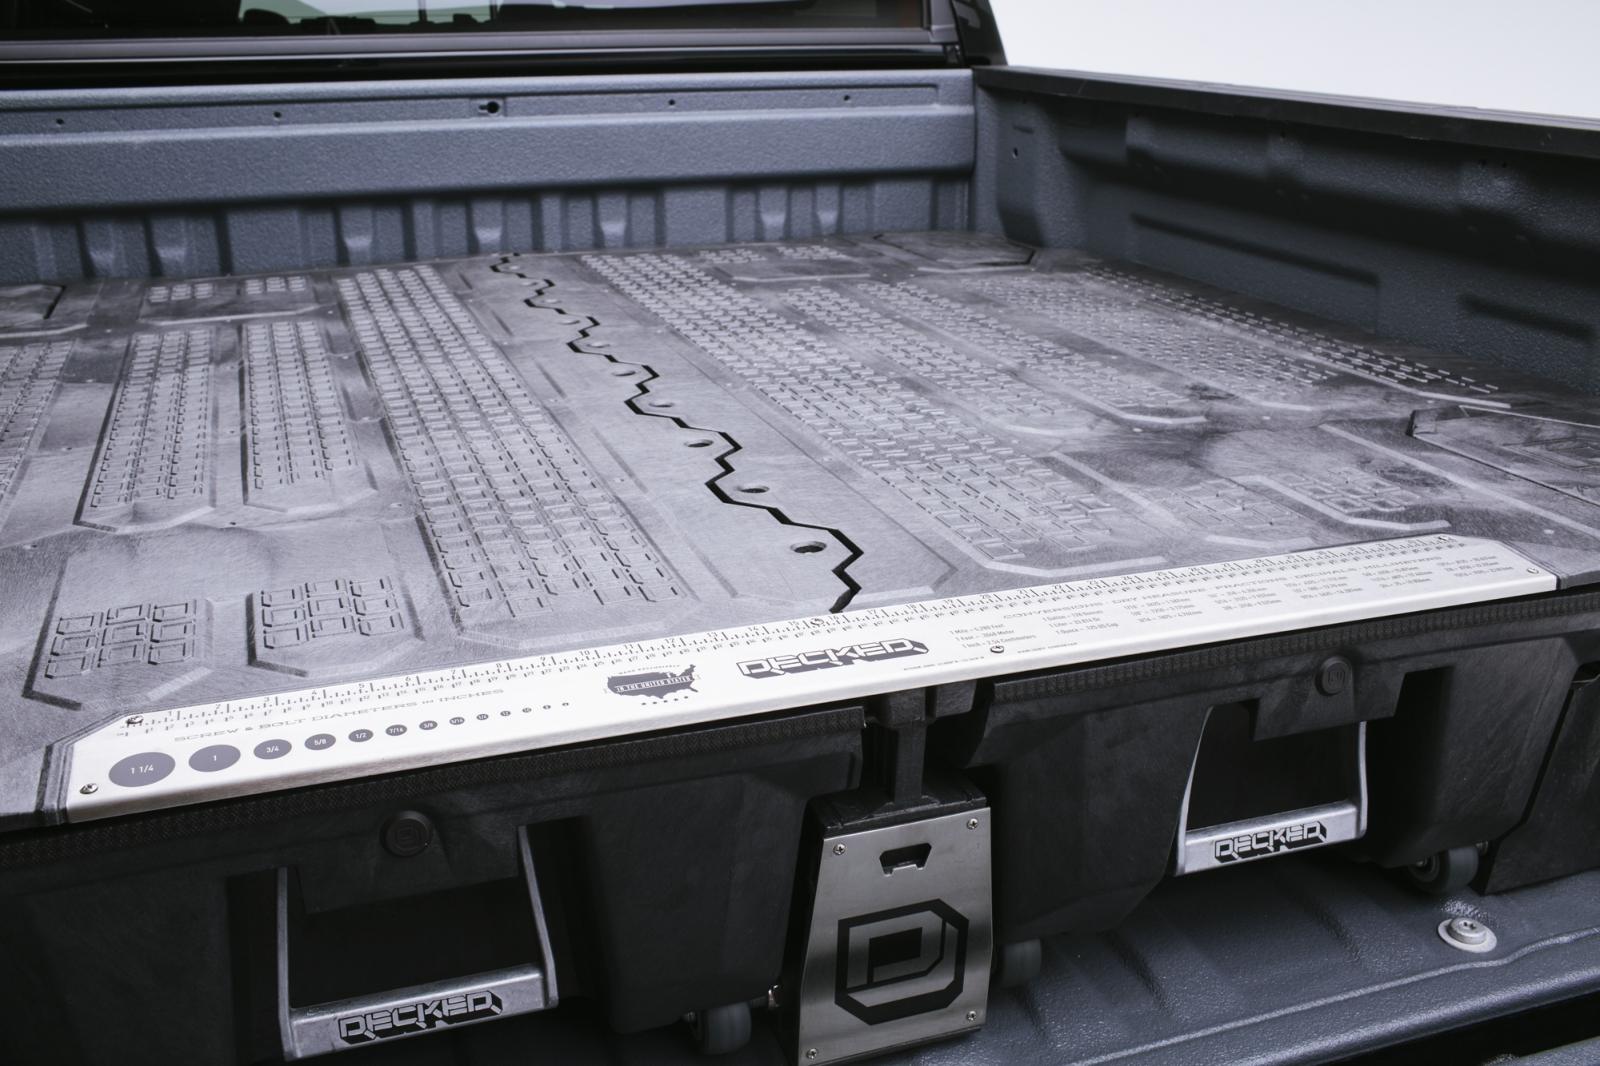 Decked - Oberes Deck mit den zwei Auszügen und den seitlichern Stauboxen.